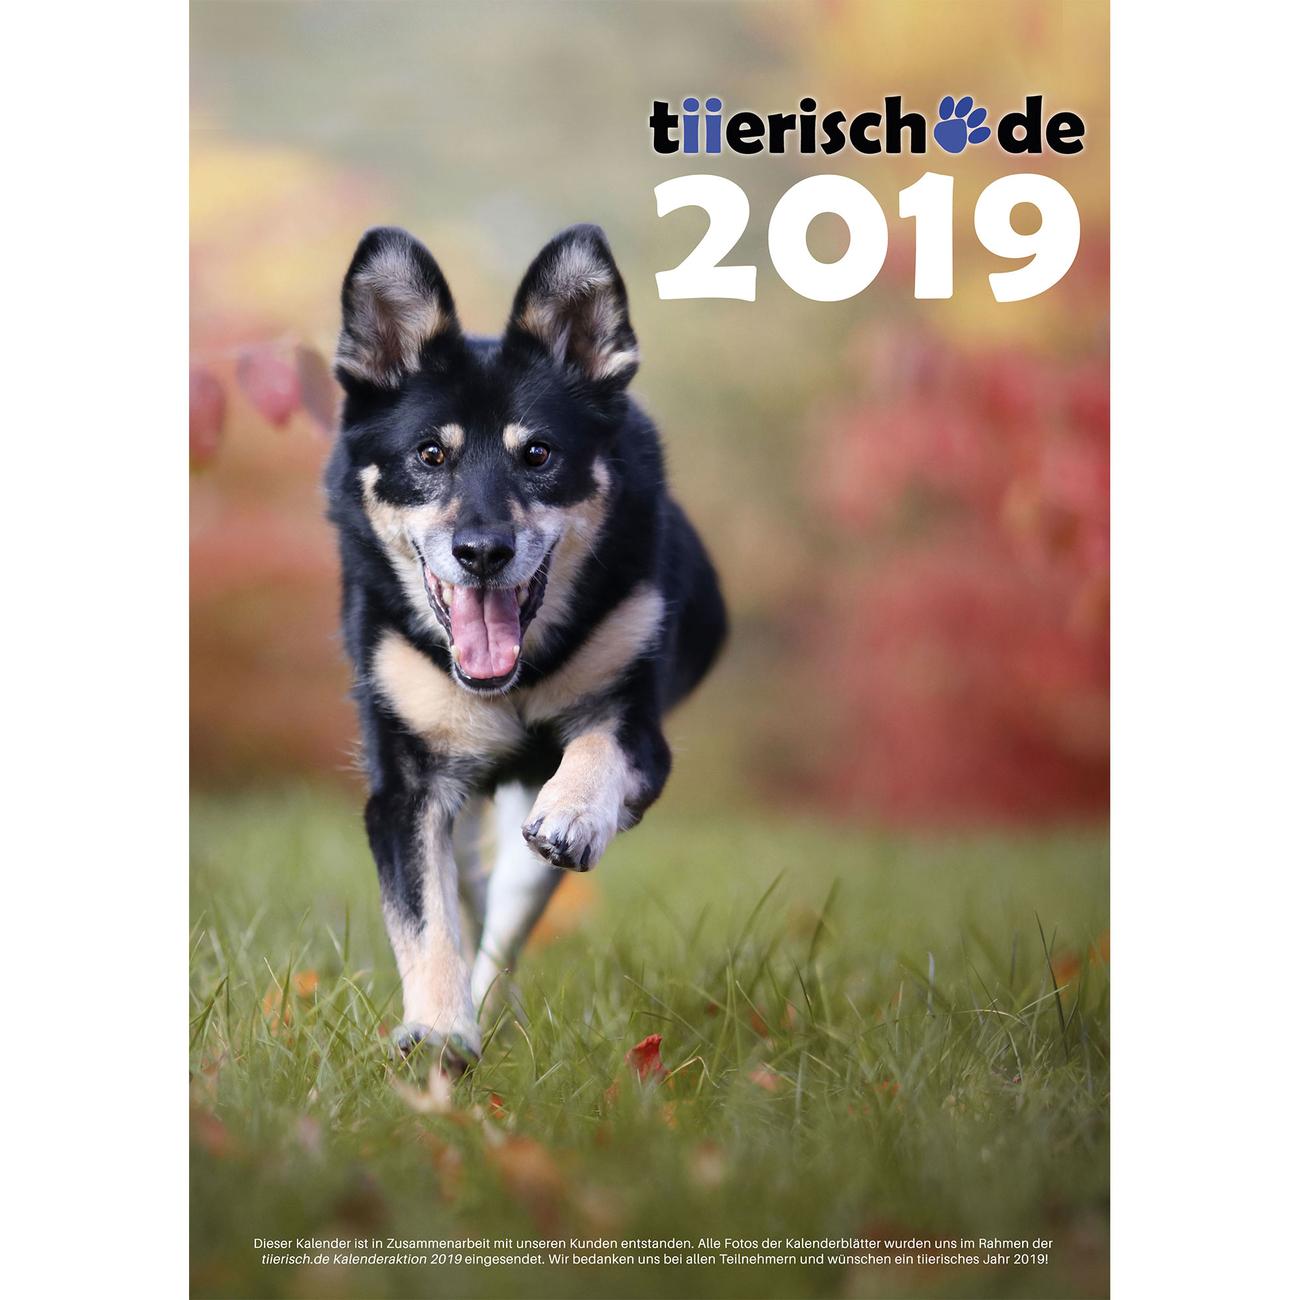 tiierisch.de Kalenderstars 2019 - der tiierische Jahreskalender